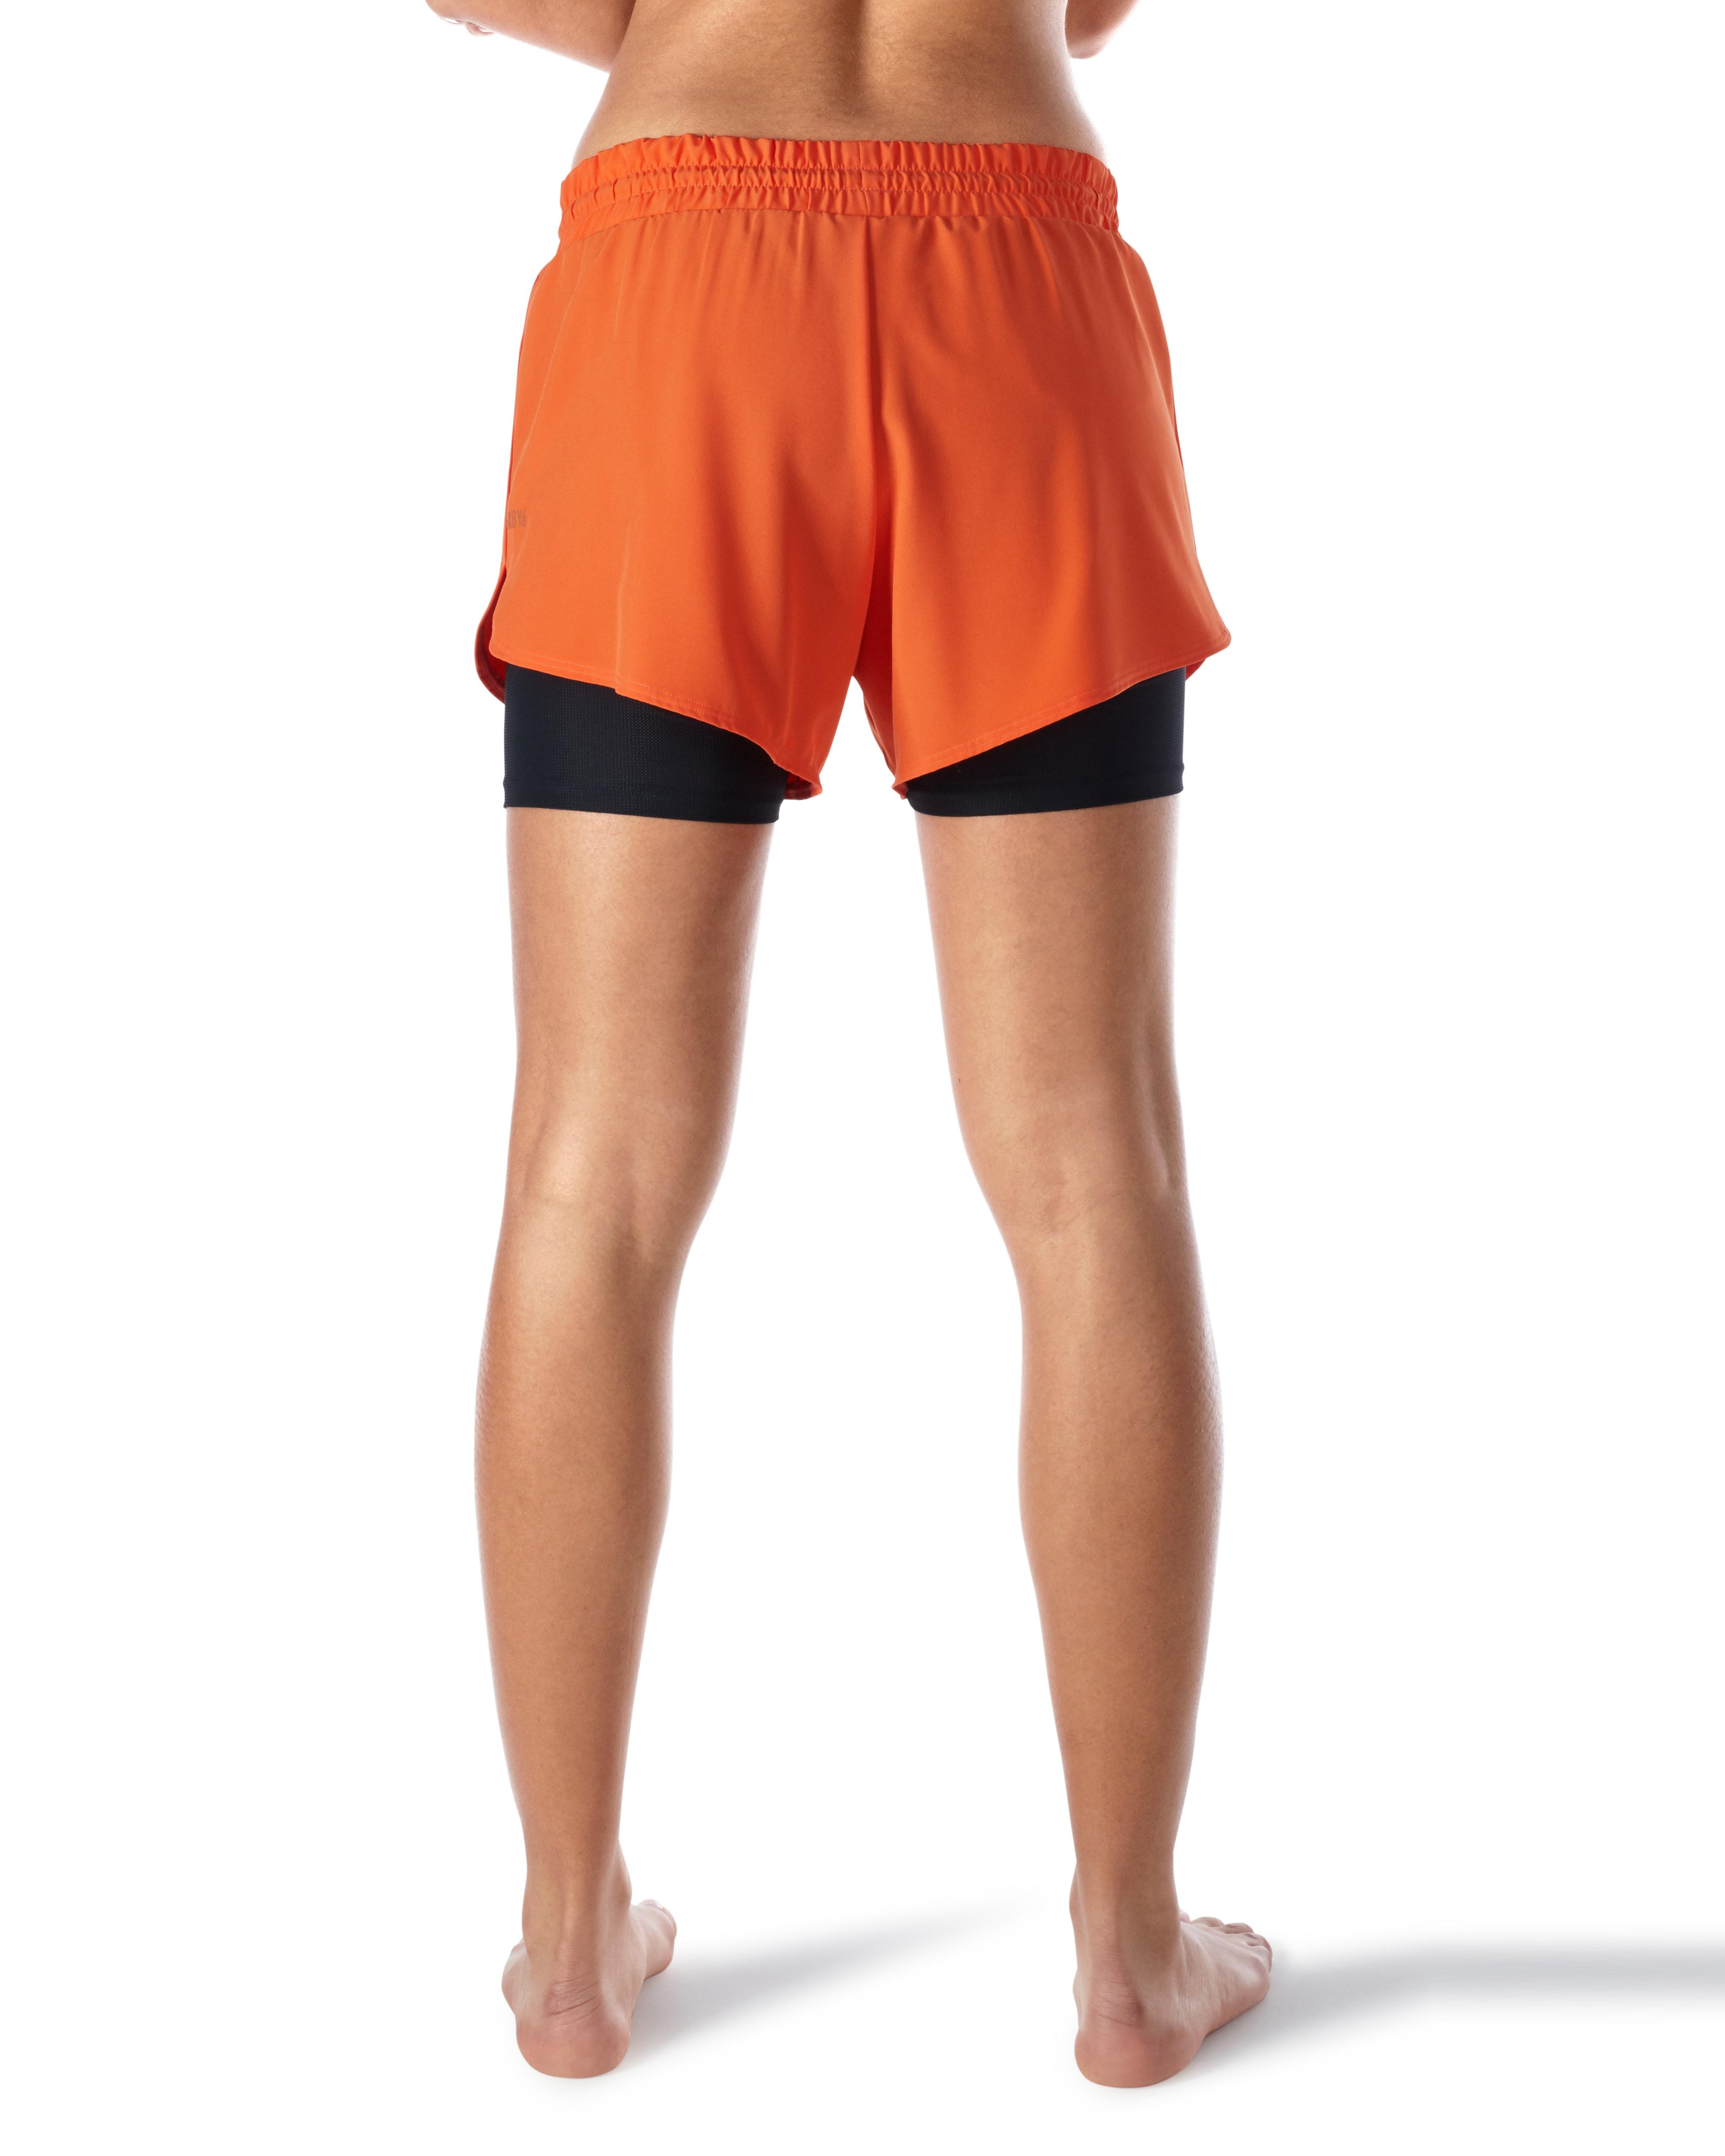 Skiny L. Shorts - Blazing Orange